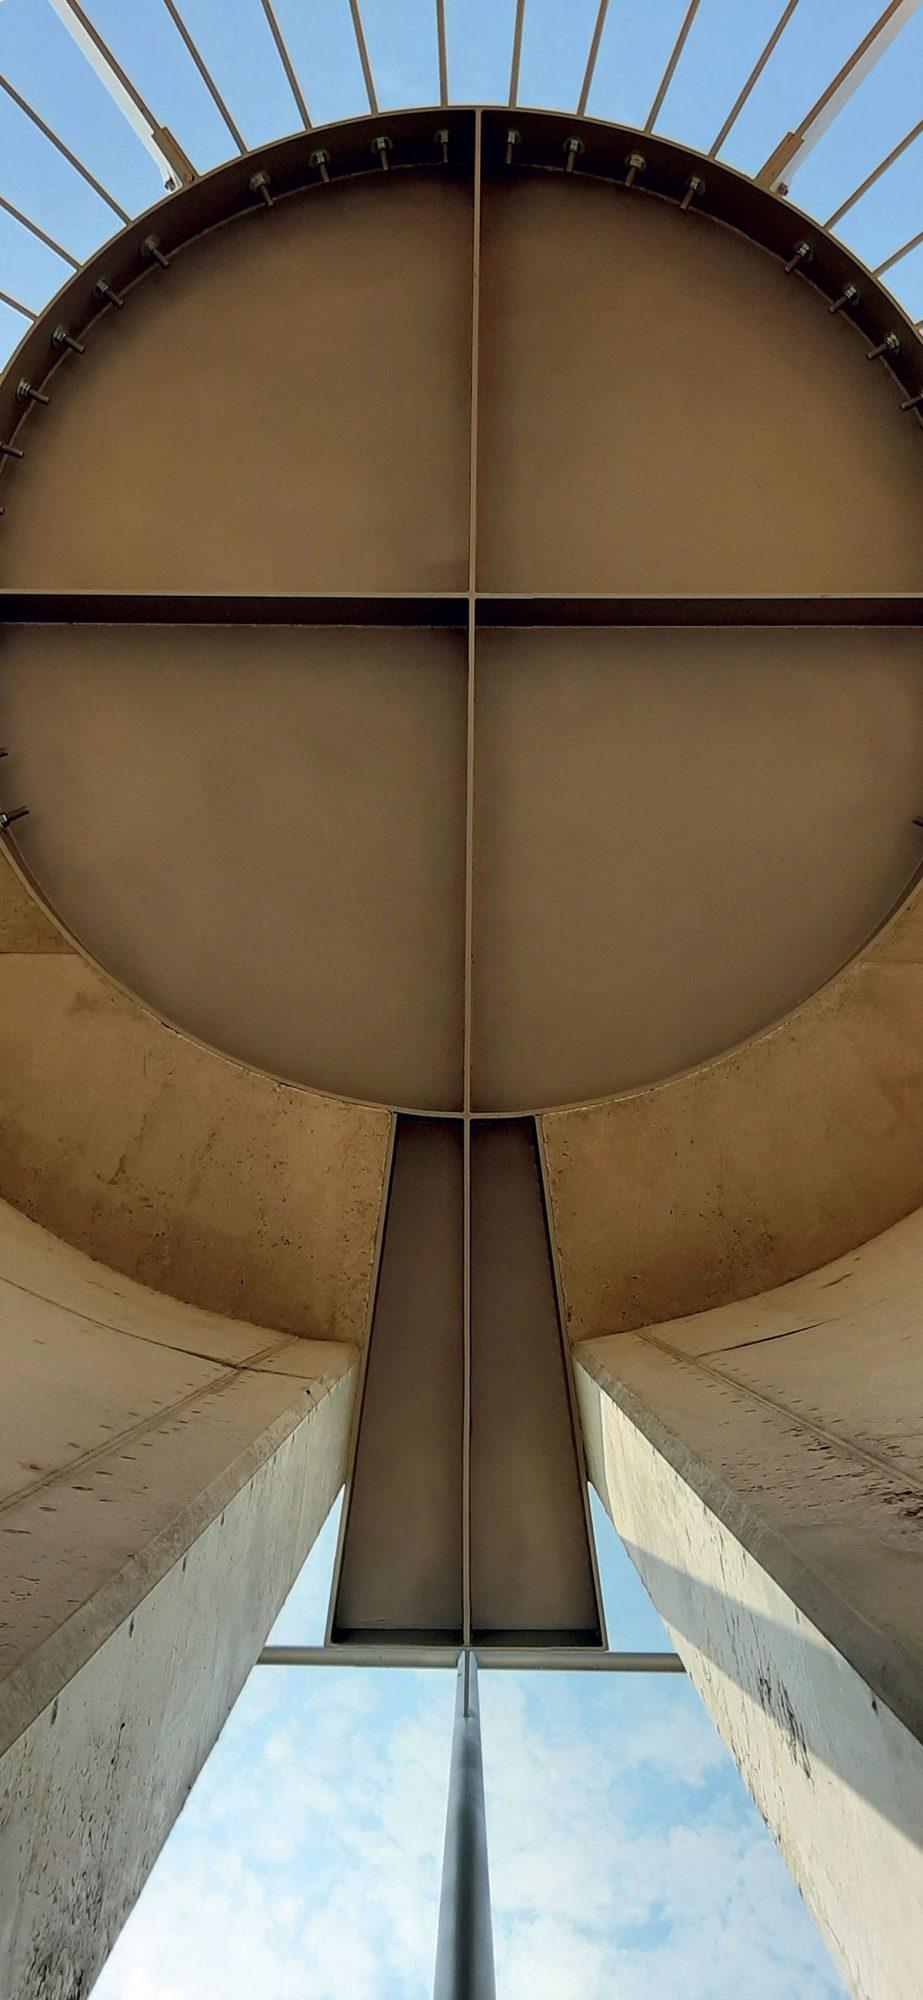 Chrlič s vertikálou kaplnky uchytenie kríža detail zastrešenia.